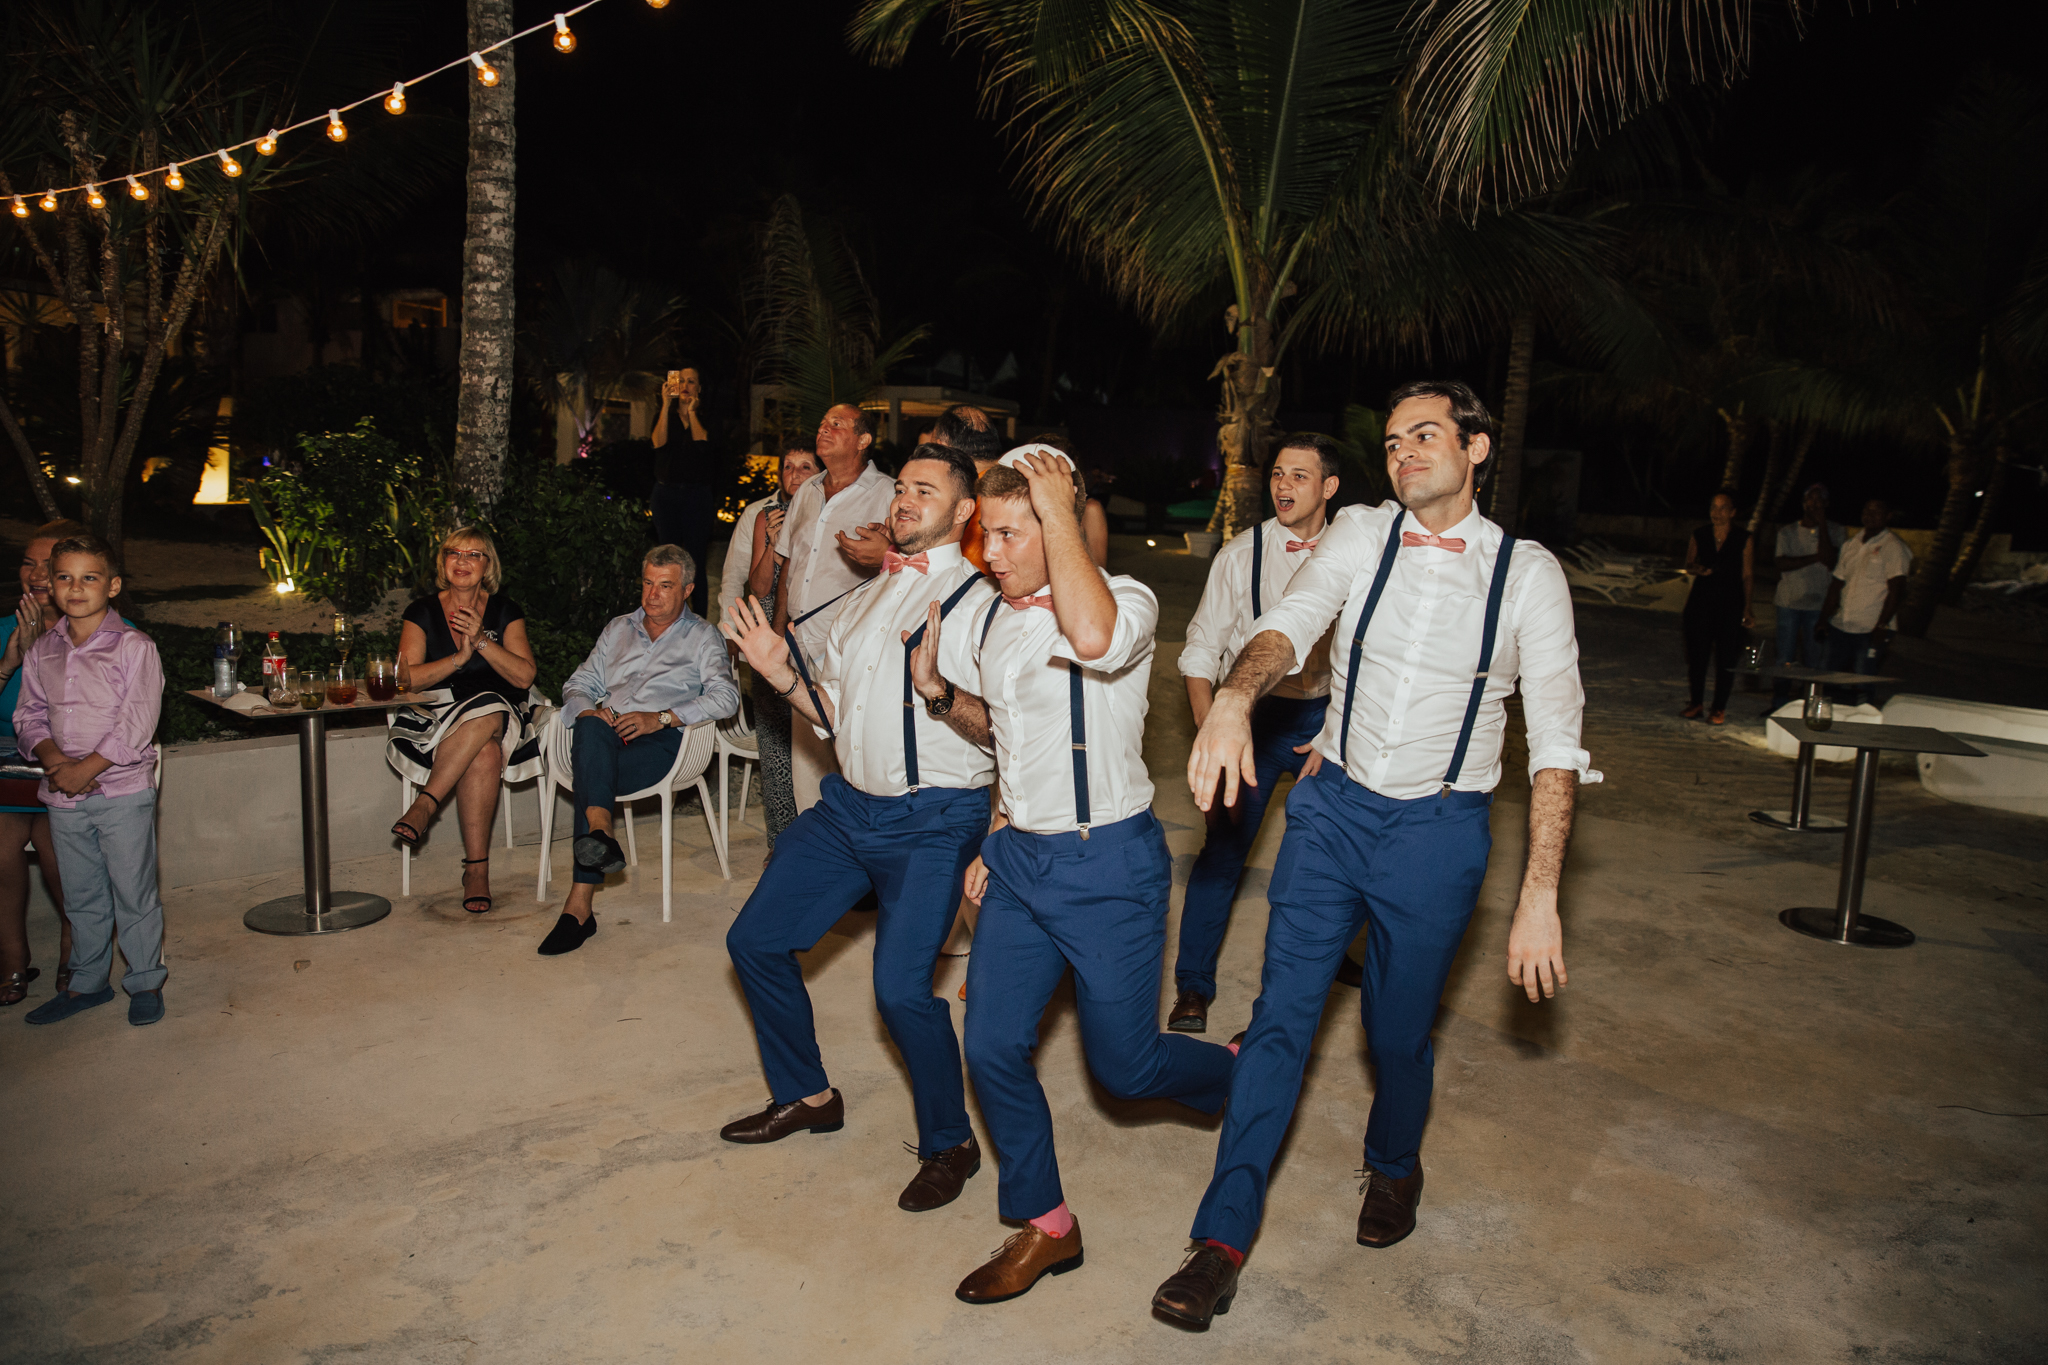 fun groomsmen dance